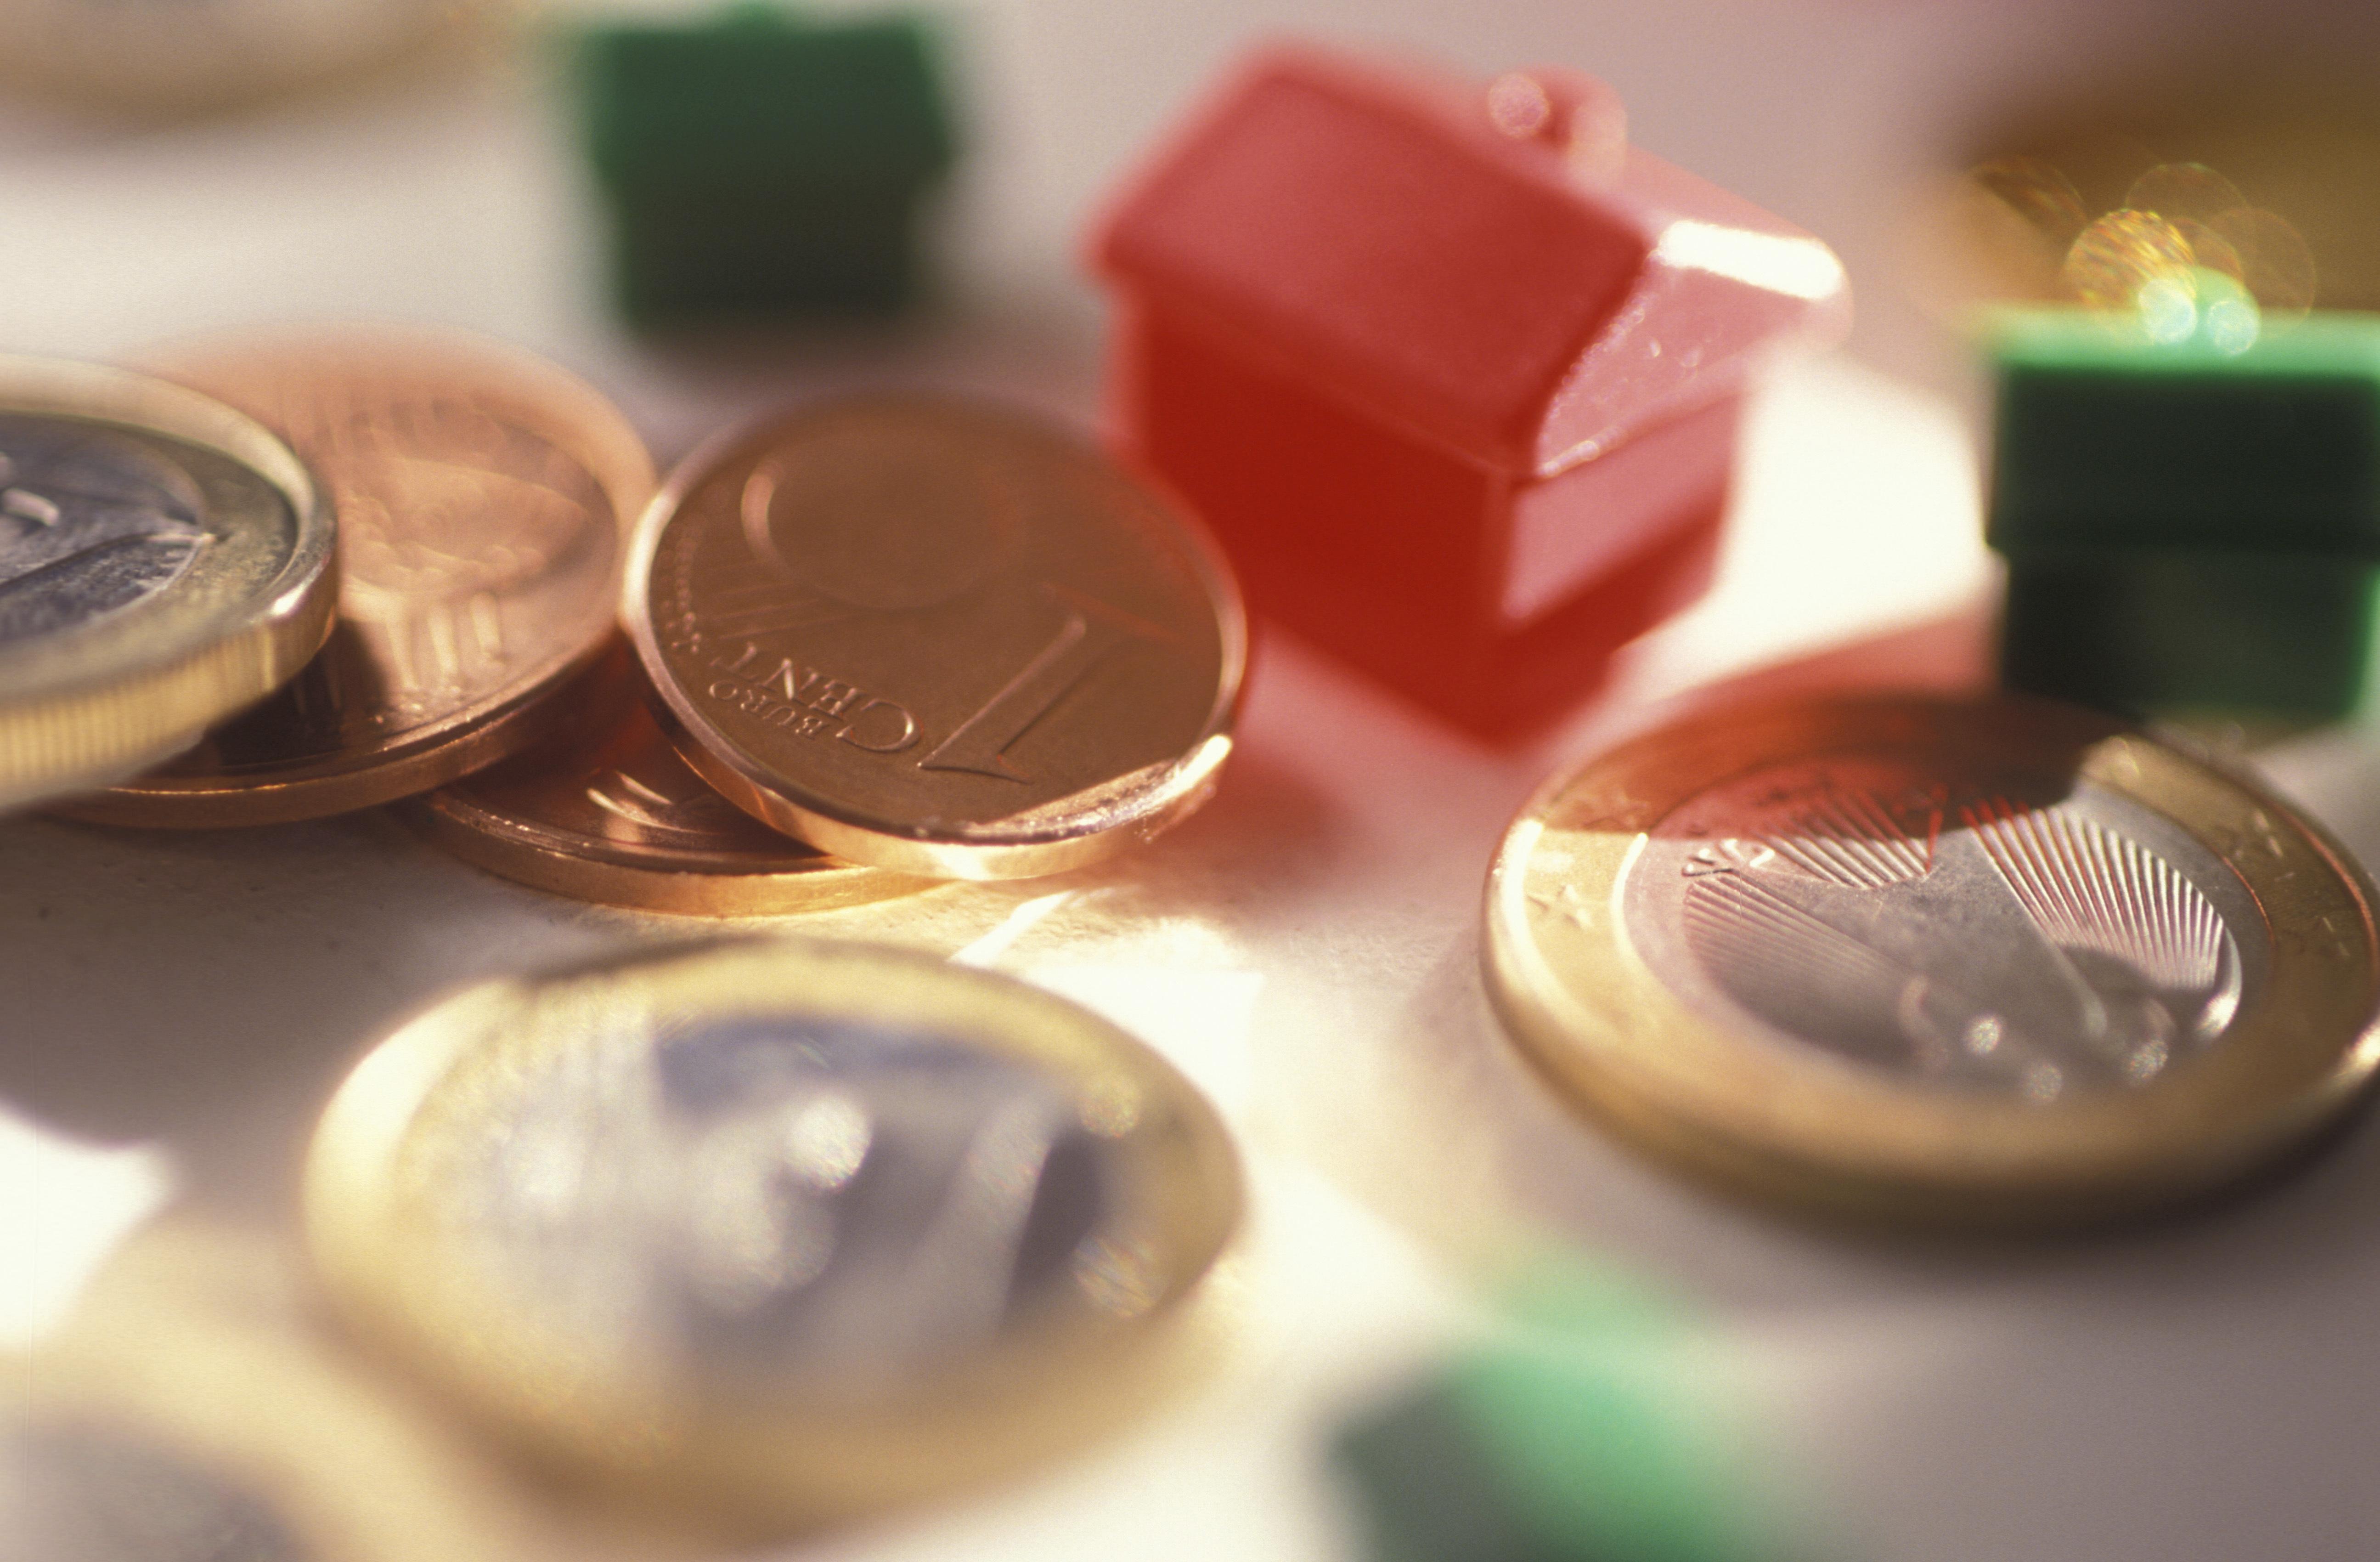 malparado nos empréstimos à habitação representa agora 1,9% do total emprestado pelos banco